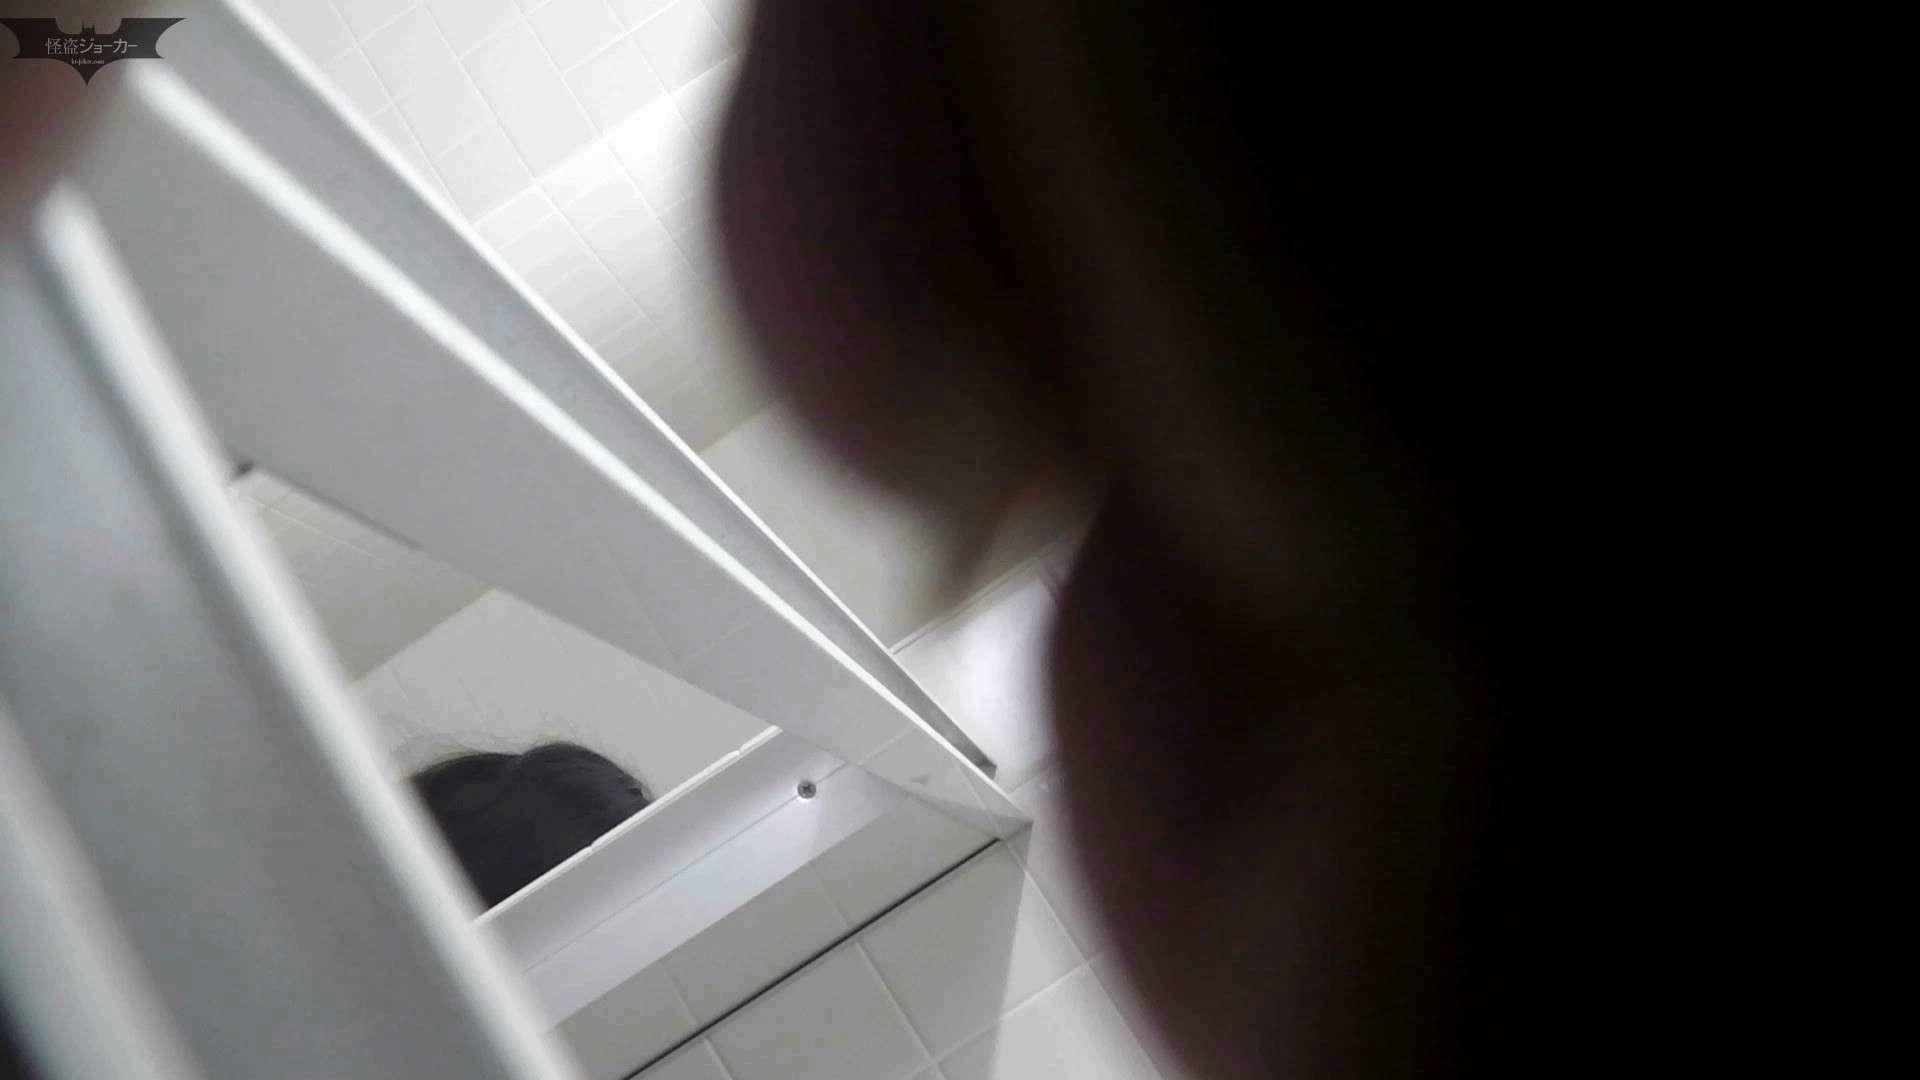 お銀さんの「洗面所突入レポート!!」 vol.53 冬到来!美女も到来! 美人 SEX無修正画像 91PIX 23